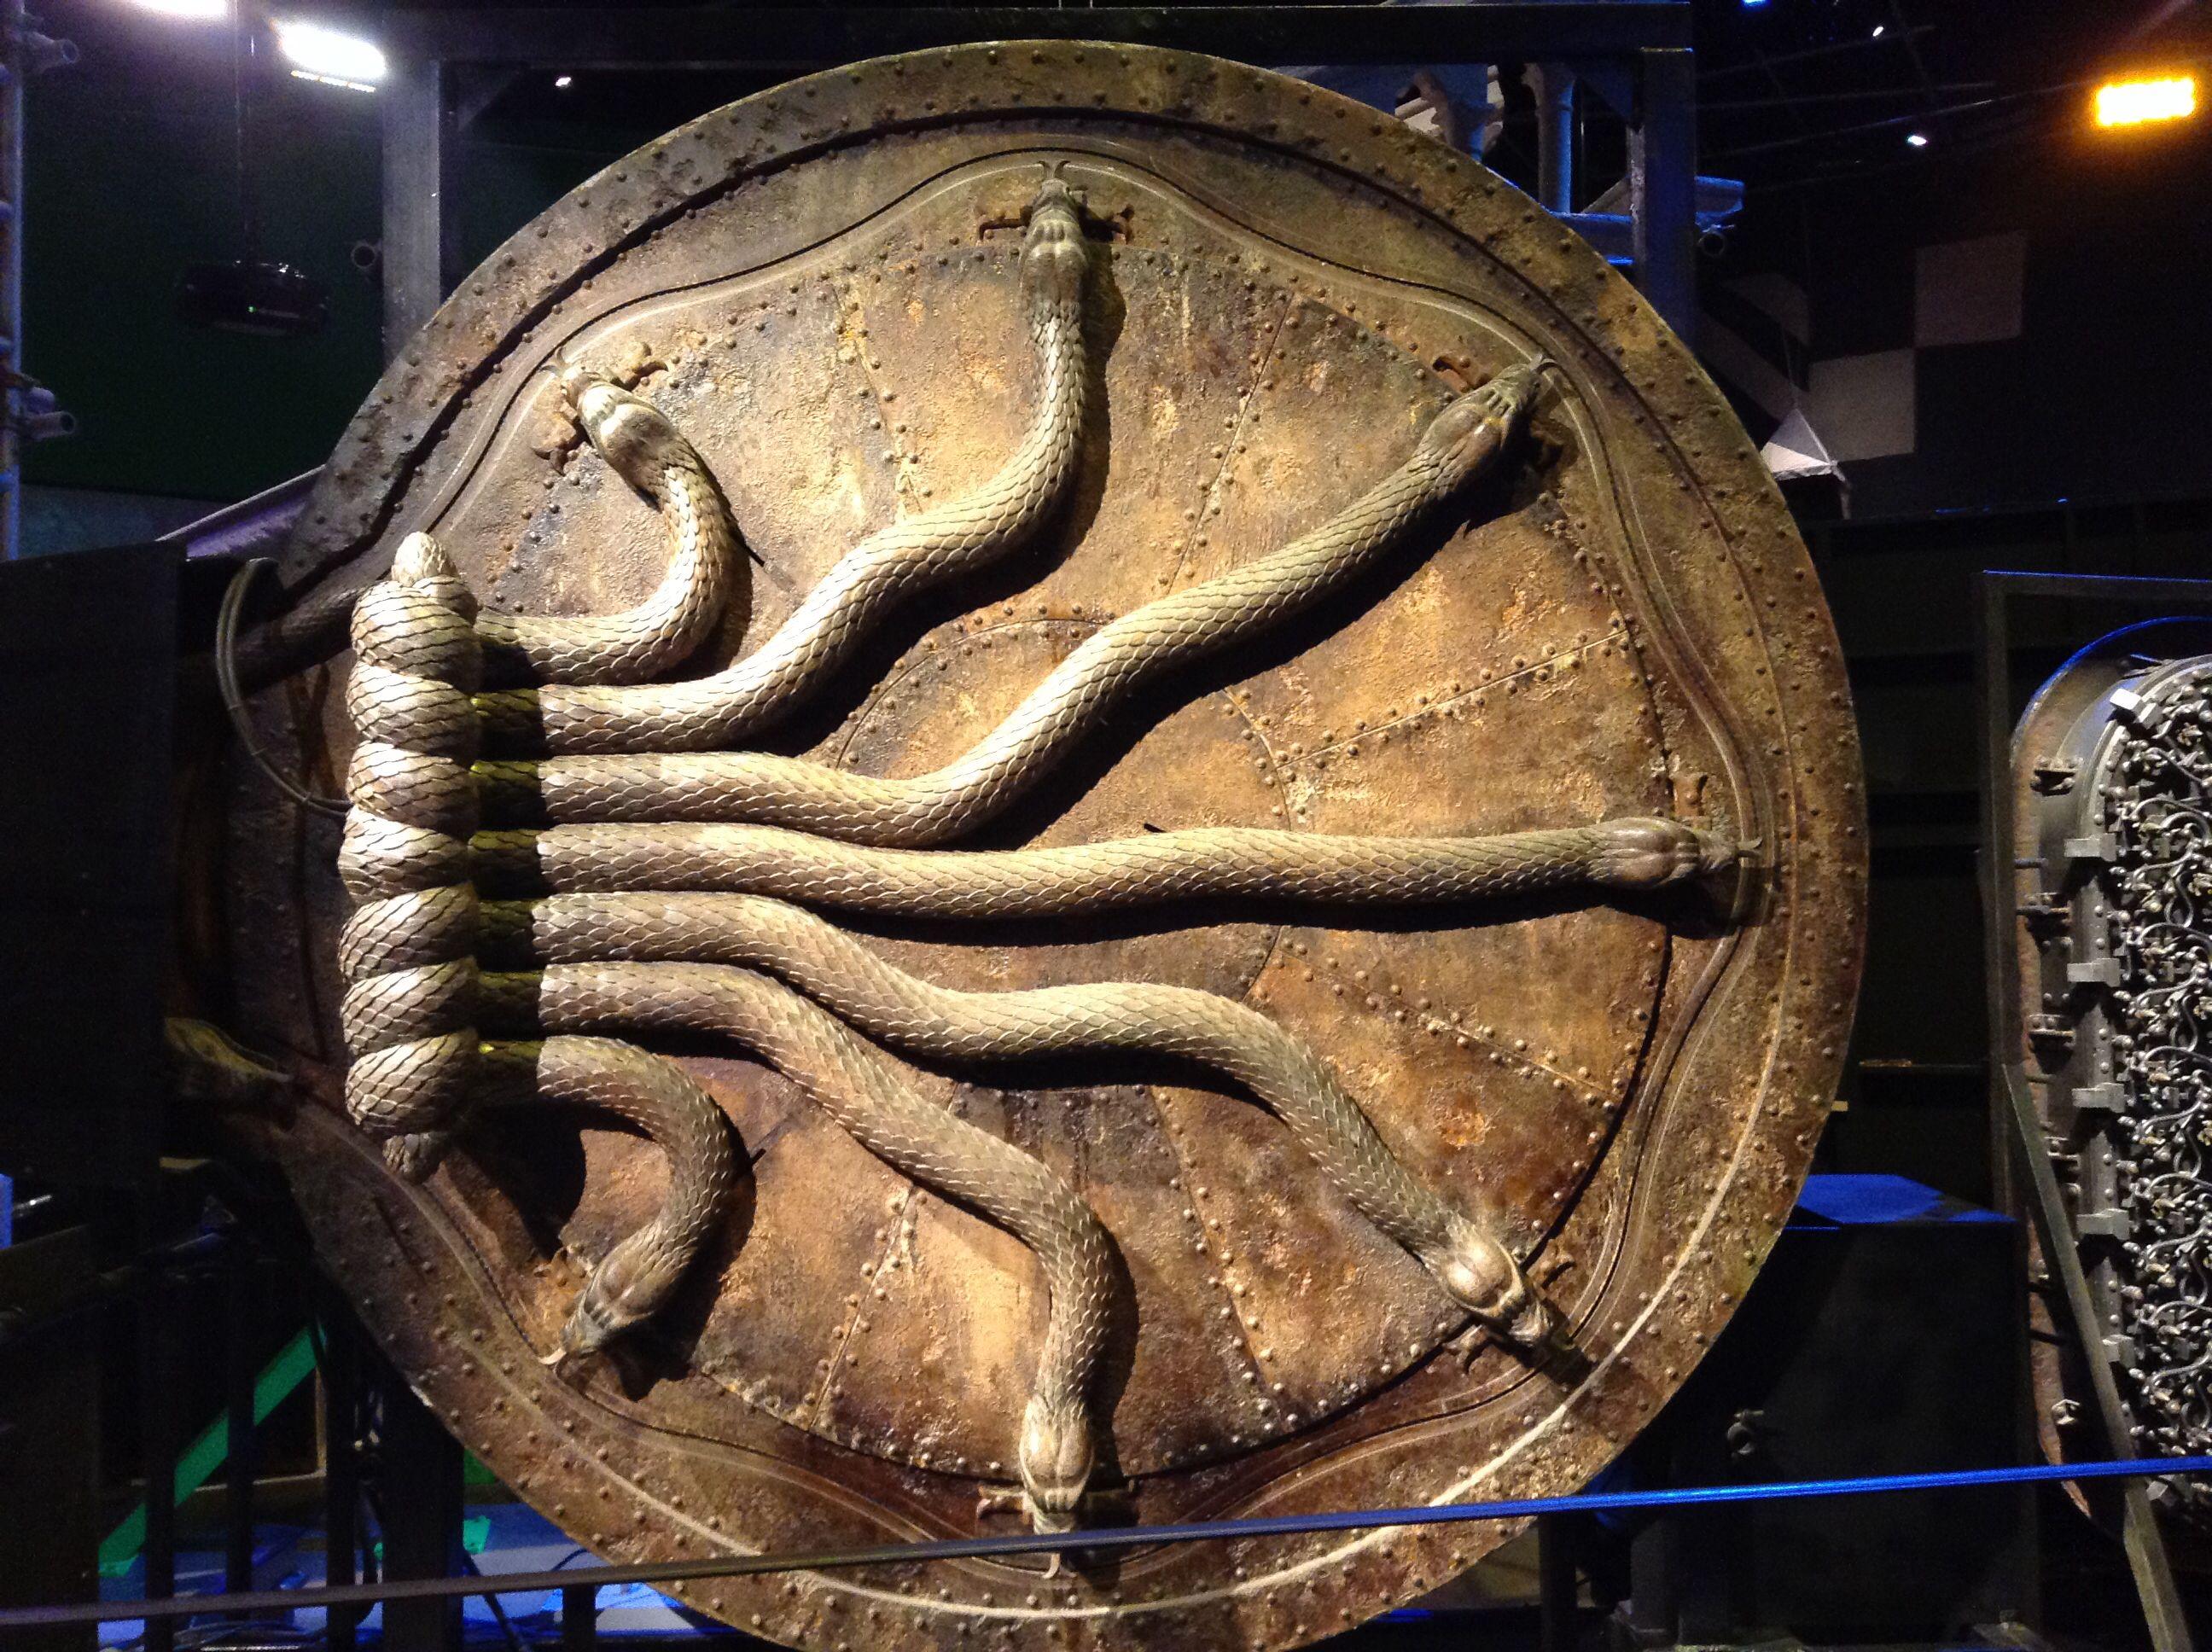 Door to The Chamber of Secrets. Warner brothers harry